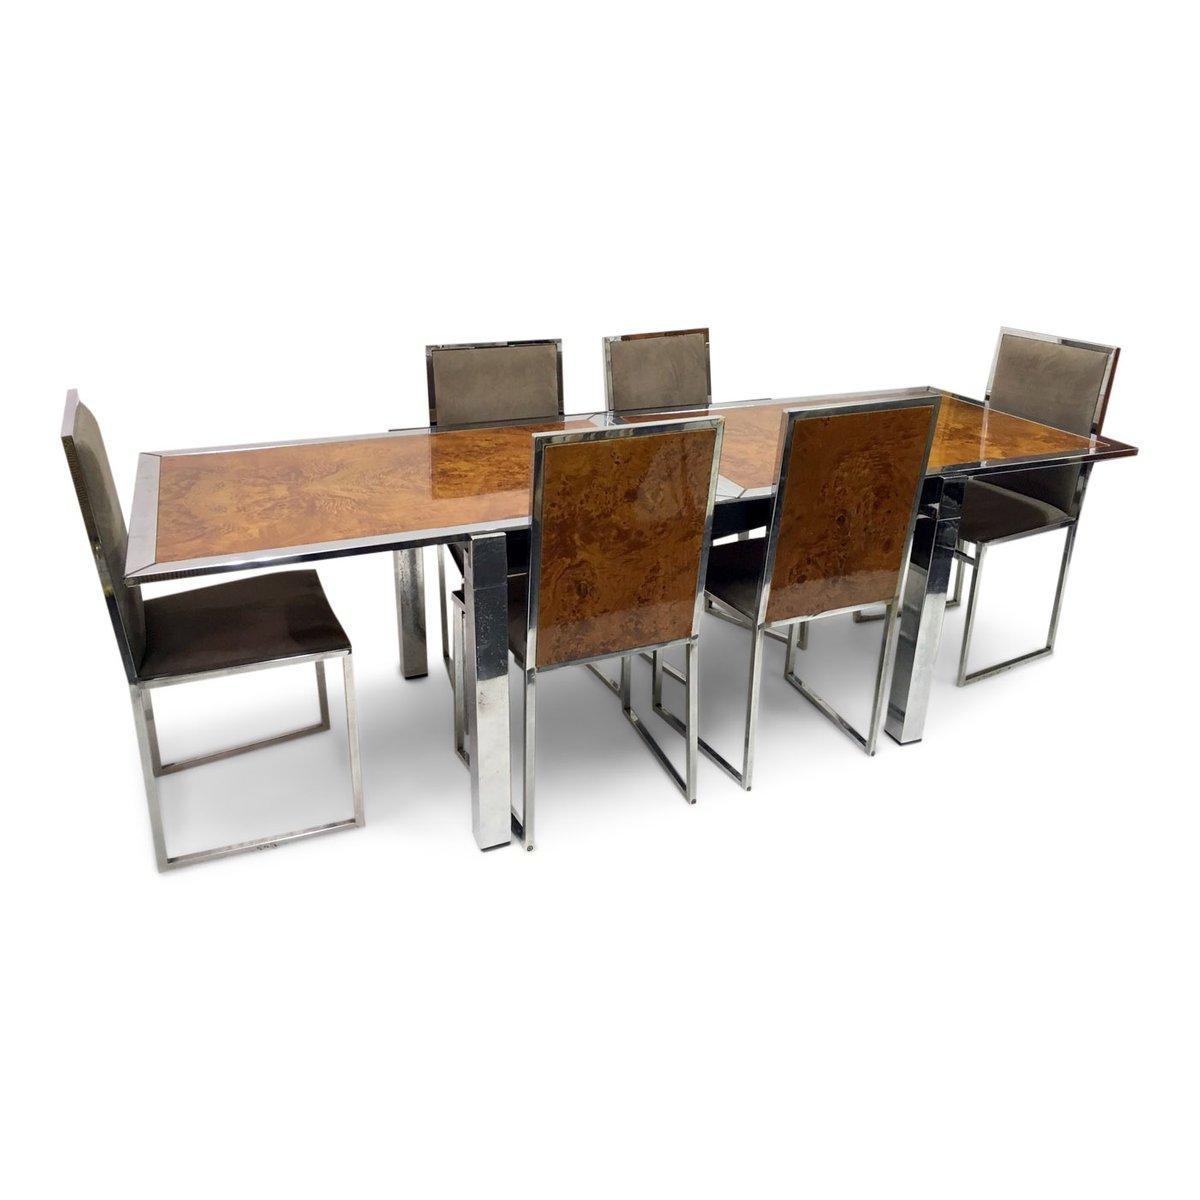 italienischer wurzel nussholz esstisch und st hle von la. Black Bedroom Furniture Sets. Home Design Ideas